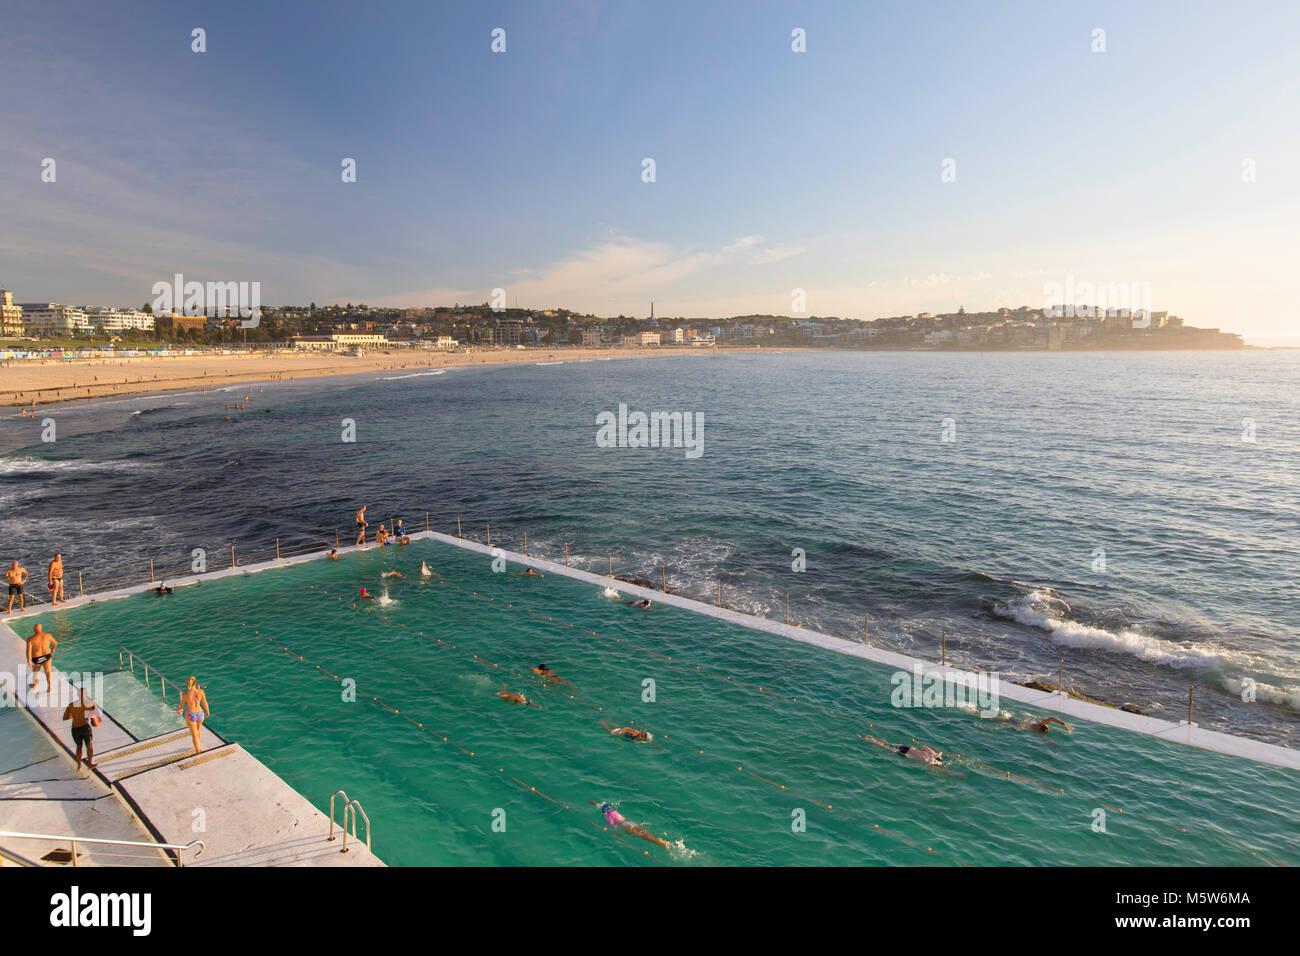 Bondi iceberg piscina, la spiaggia di Bondi, Sydney, Nuovo Galles del Sud, Australia Immagini Stock